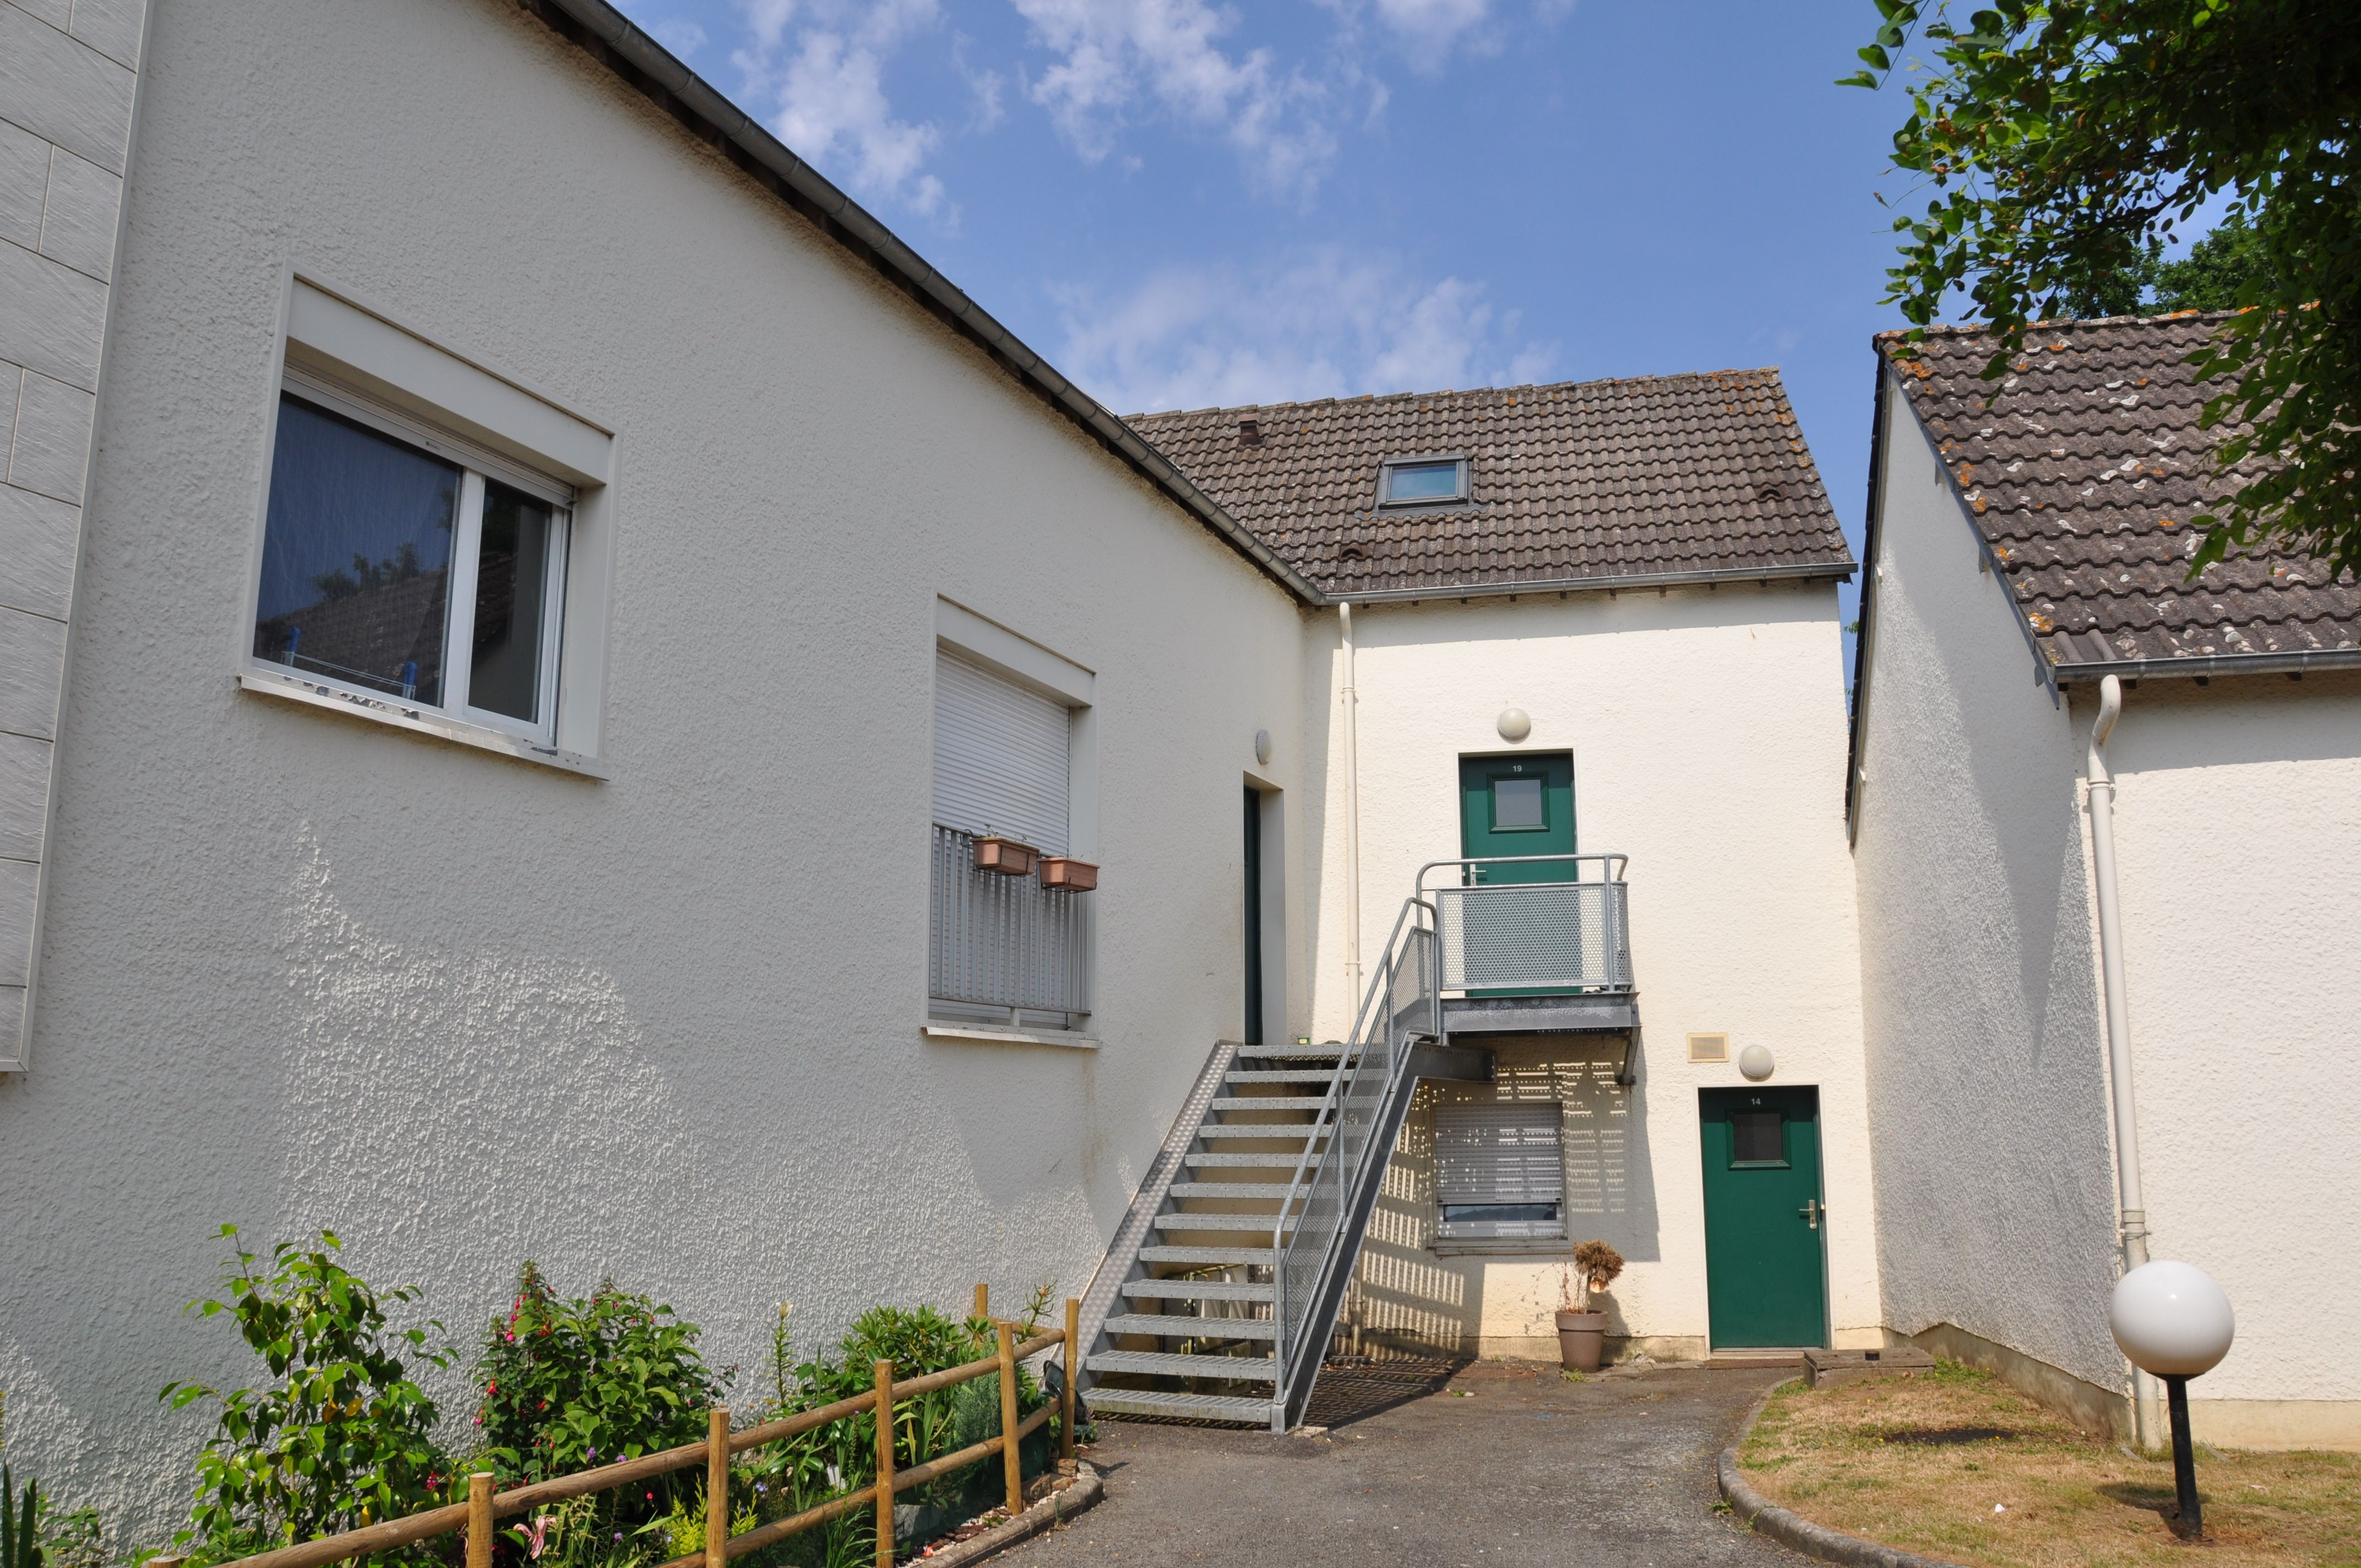 Logement juvigny sous andaines locataion maison t1 31 for Entretien exterieur locataire